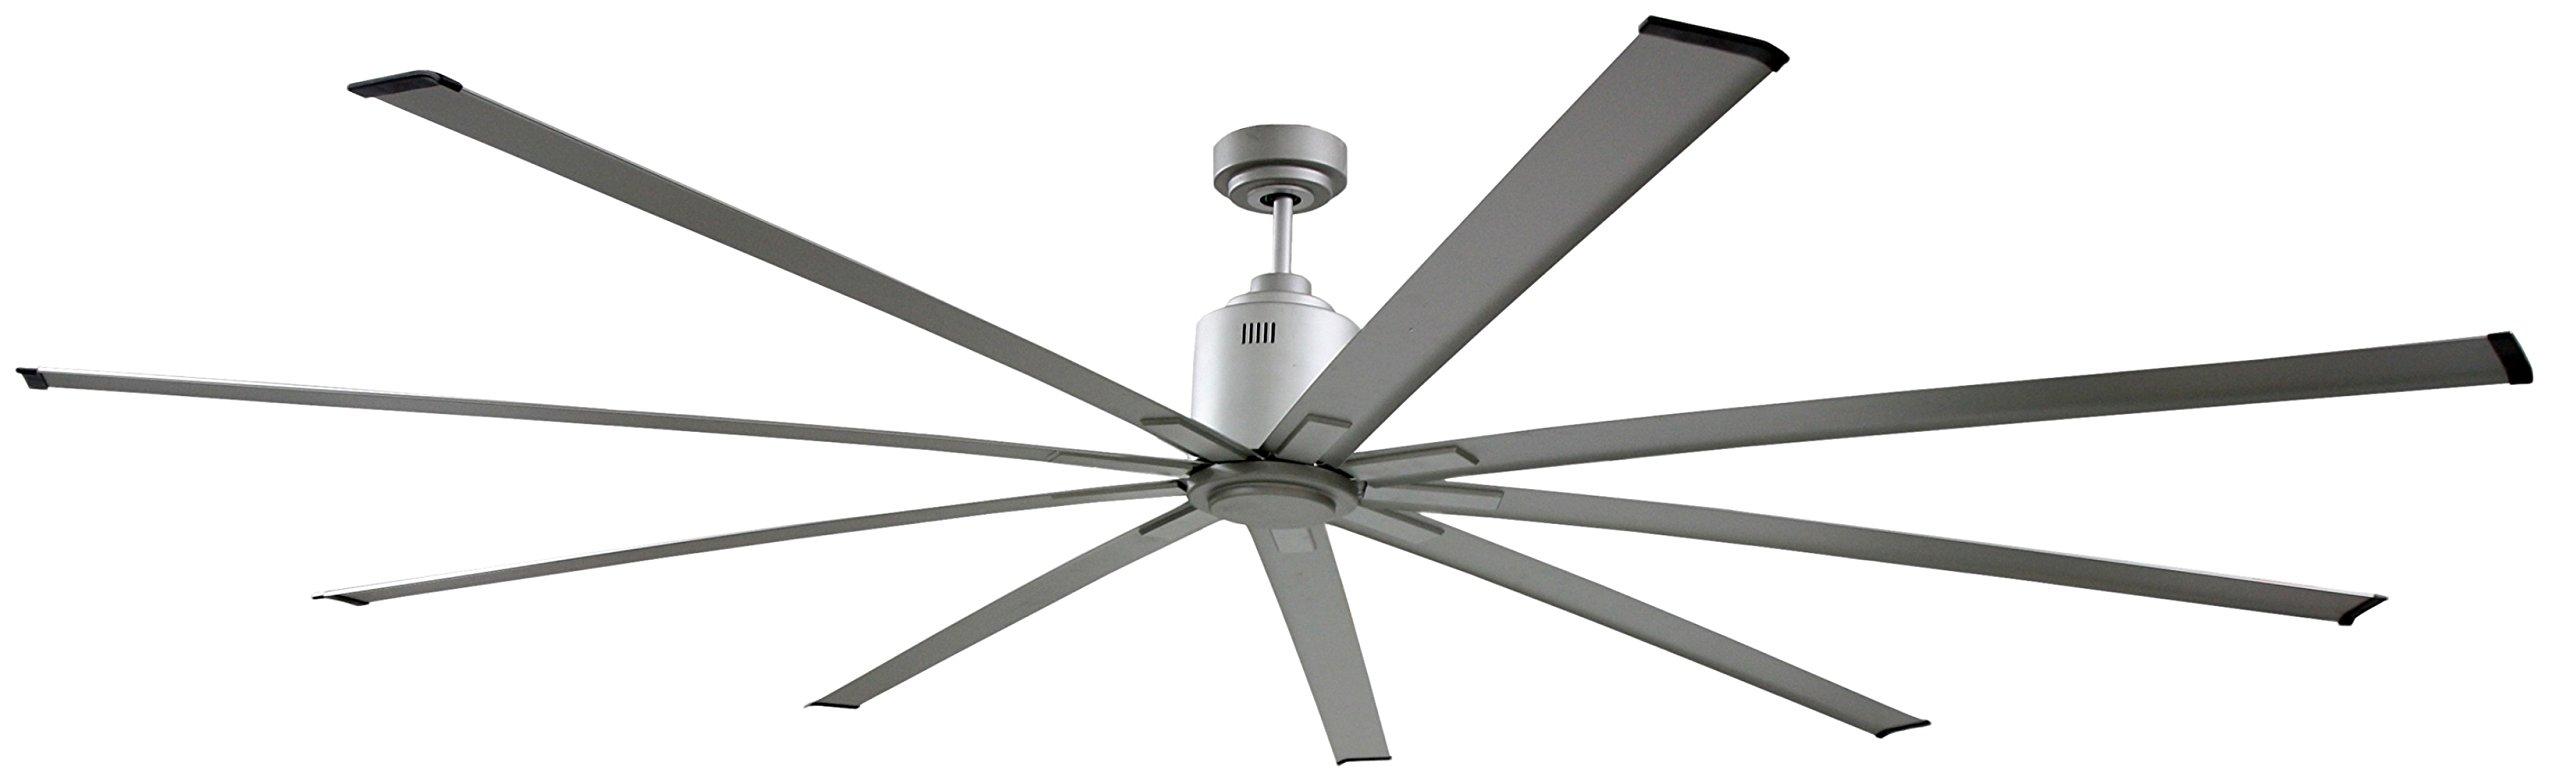 Big Air ICF96UPS Industrial Ceiling Fan, 96-Inch, Silver